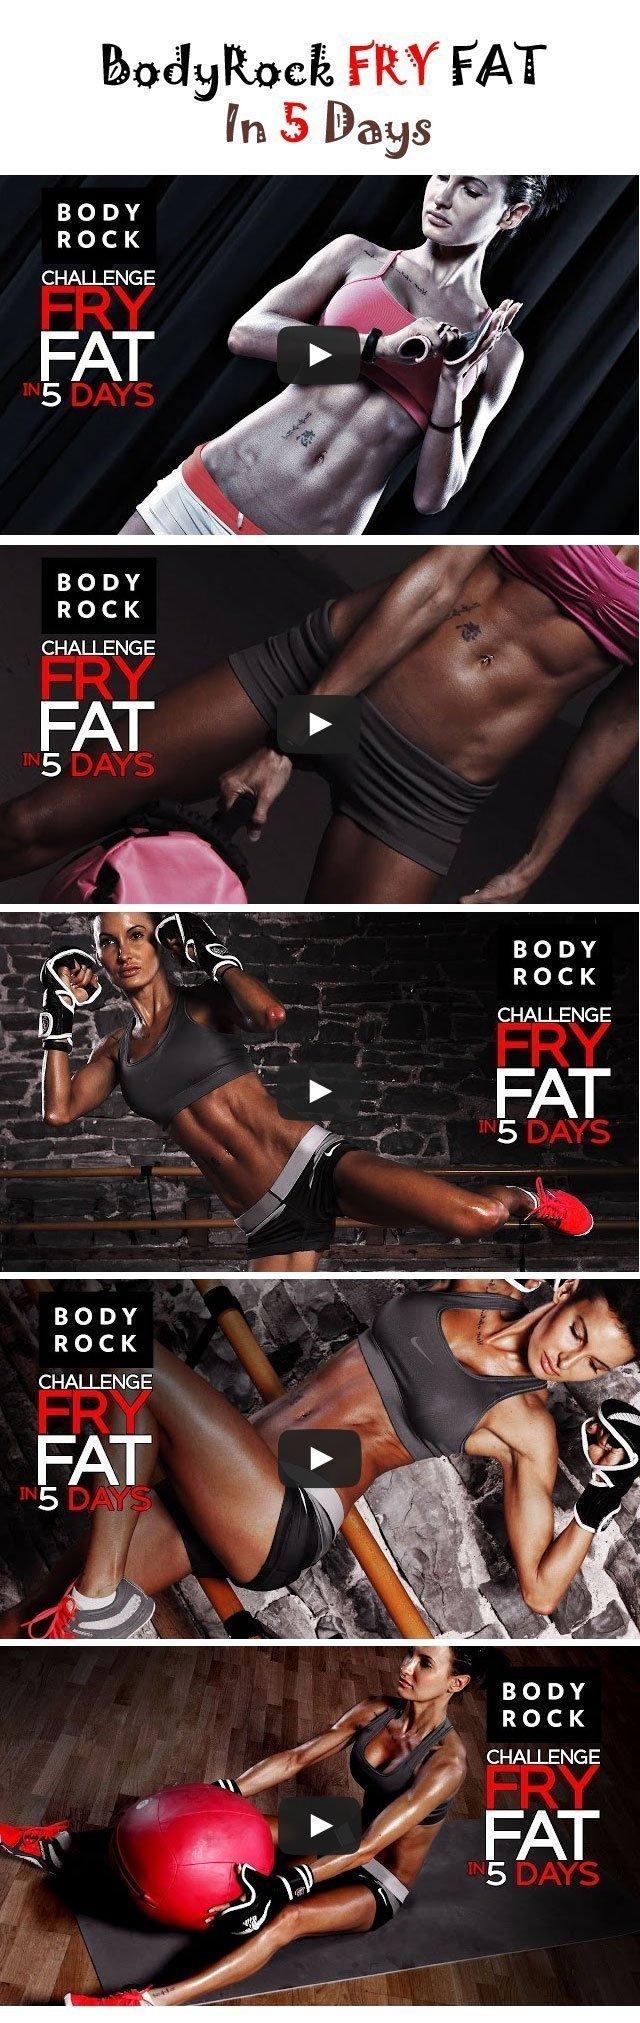 BodyRock Fry Fat In 5 Days